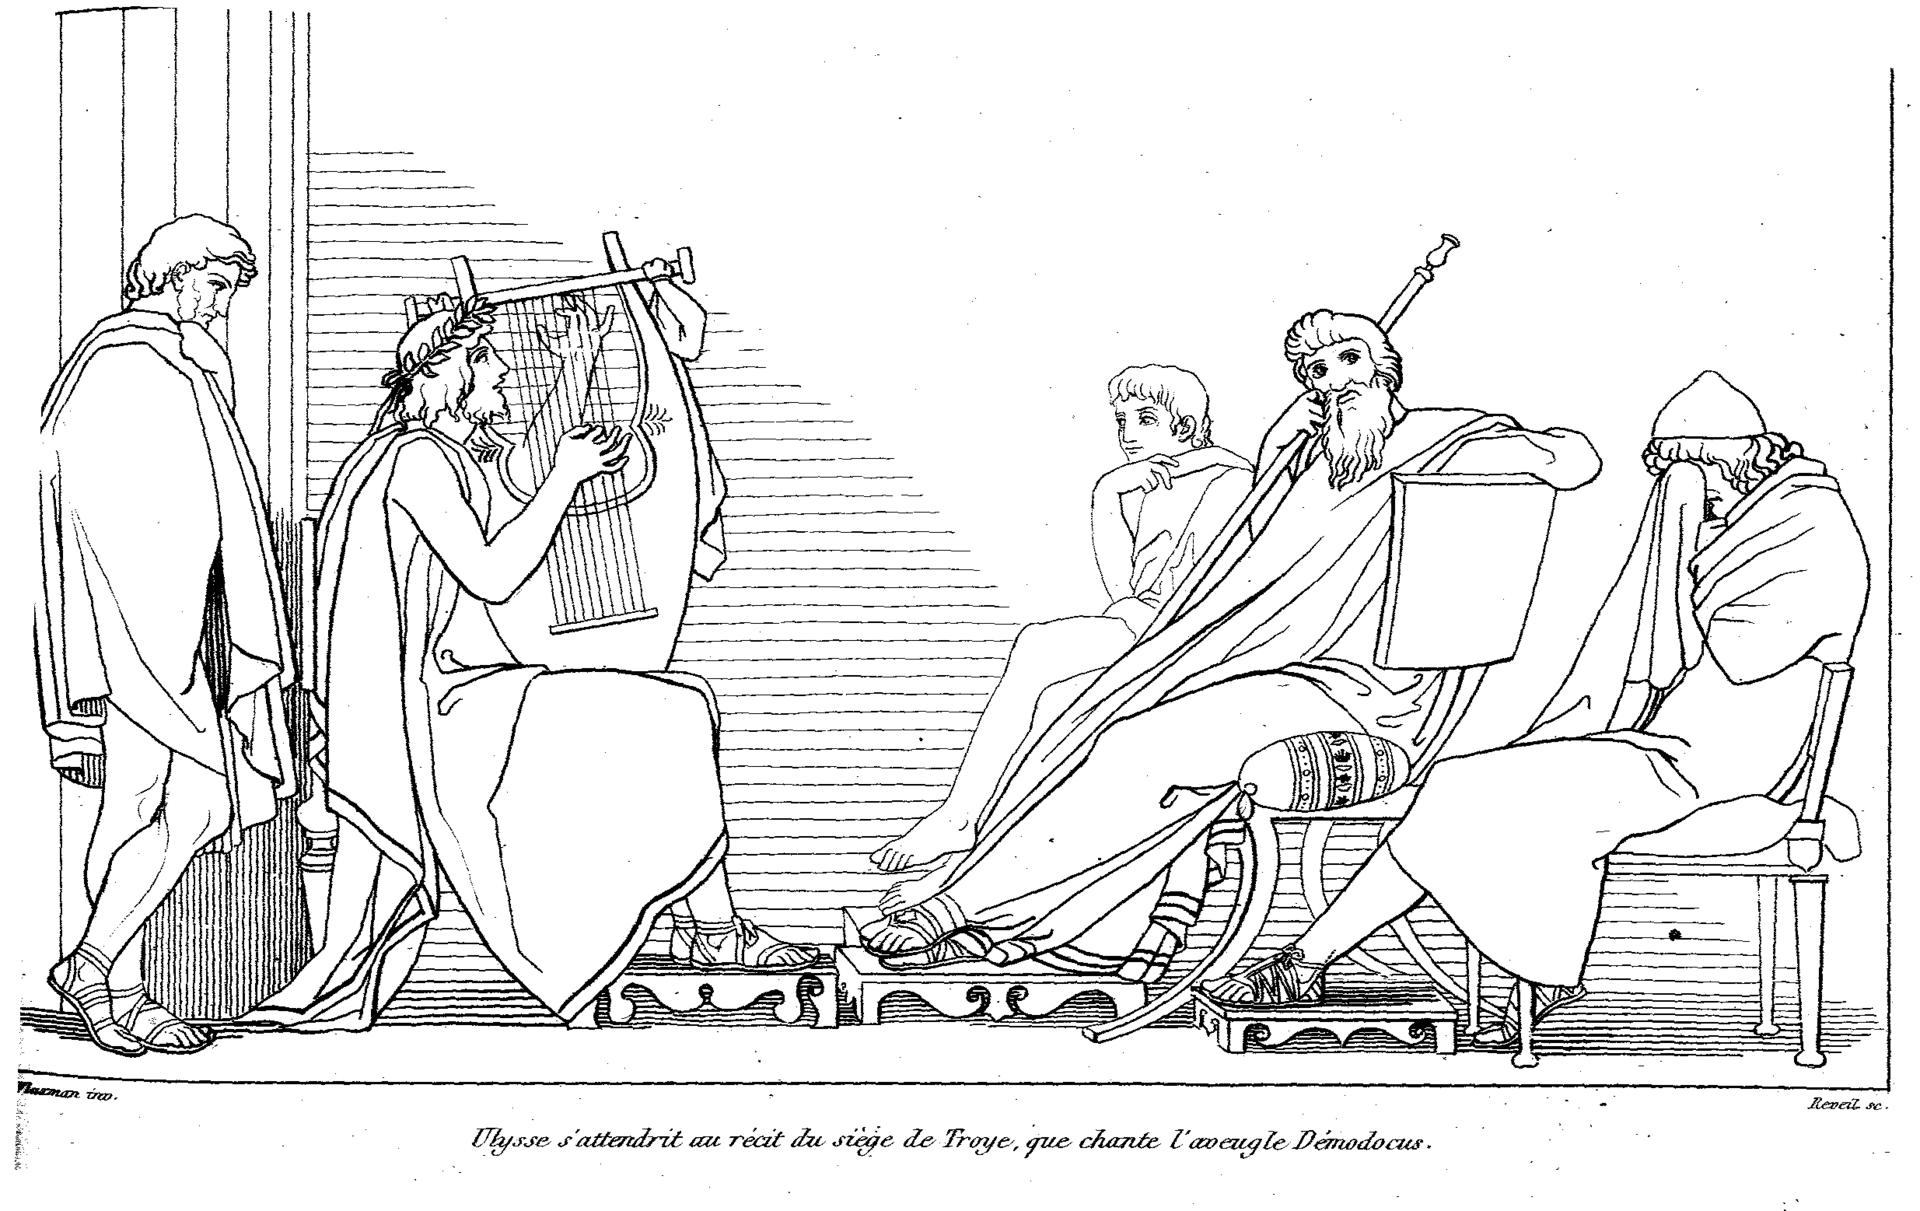 Odisseia e Eneida, o canto dos heróis 2